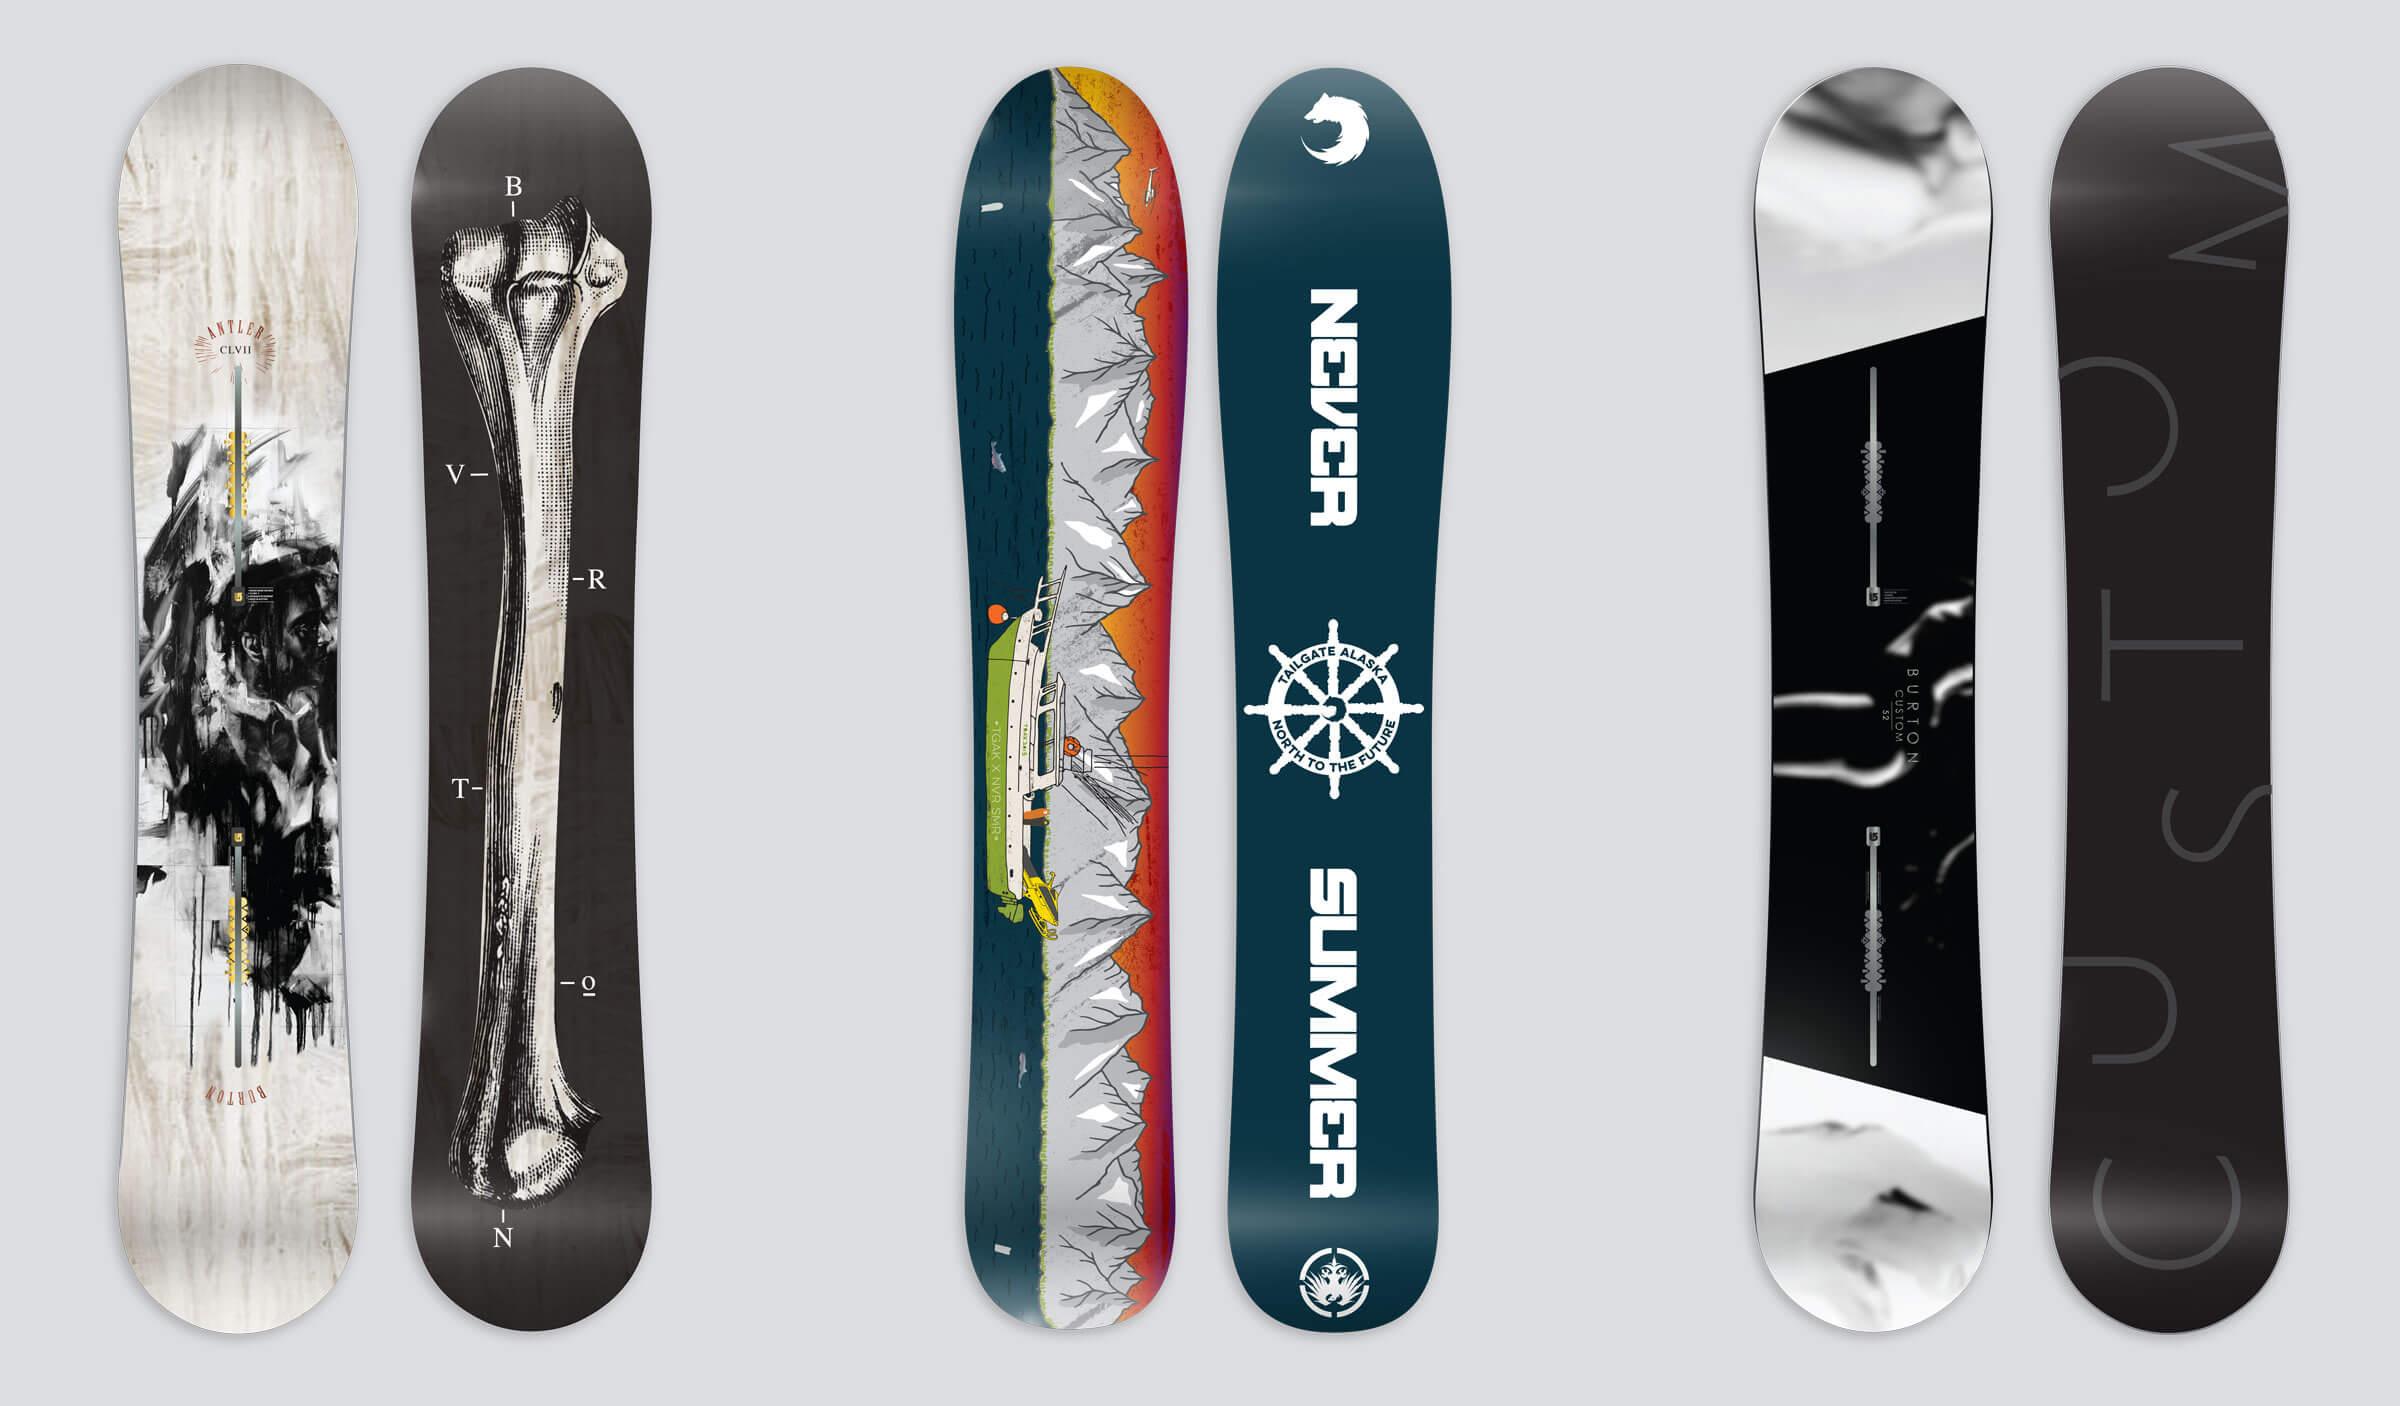 SnowboardLayout_2400x1600